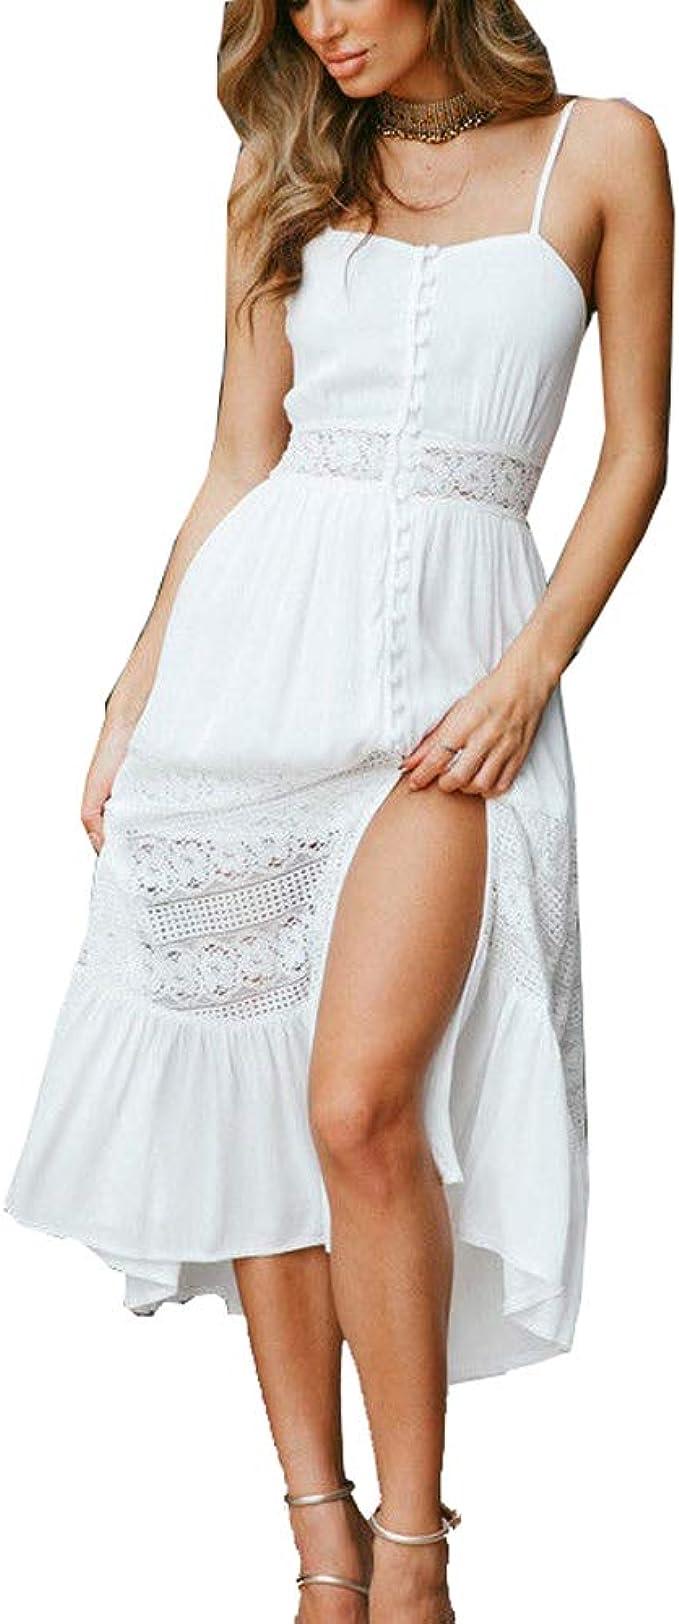 Acloin Damen Sommerkleid Lang Sommer Strandkleider Weiss Hakeln Spitze Button Down Sommer Kleid Spaghetti Kleid L Weiss Amazon De Bekleidung